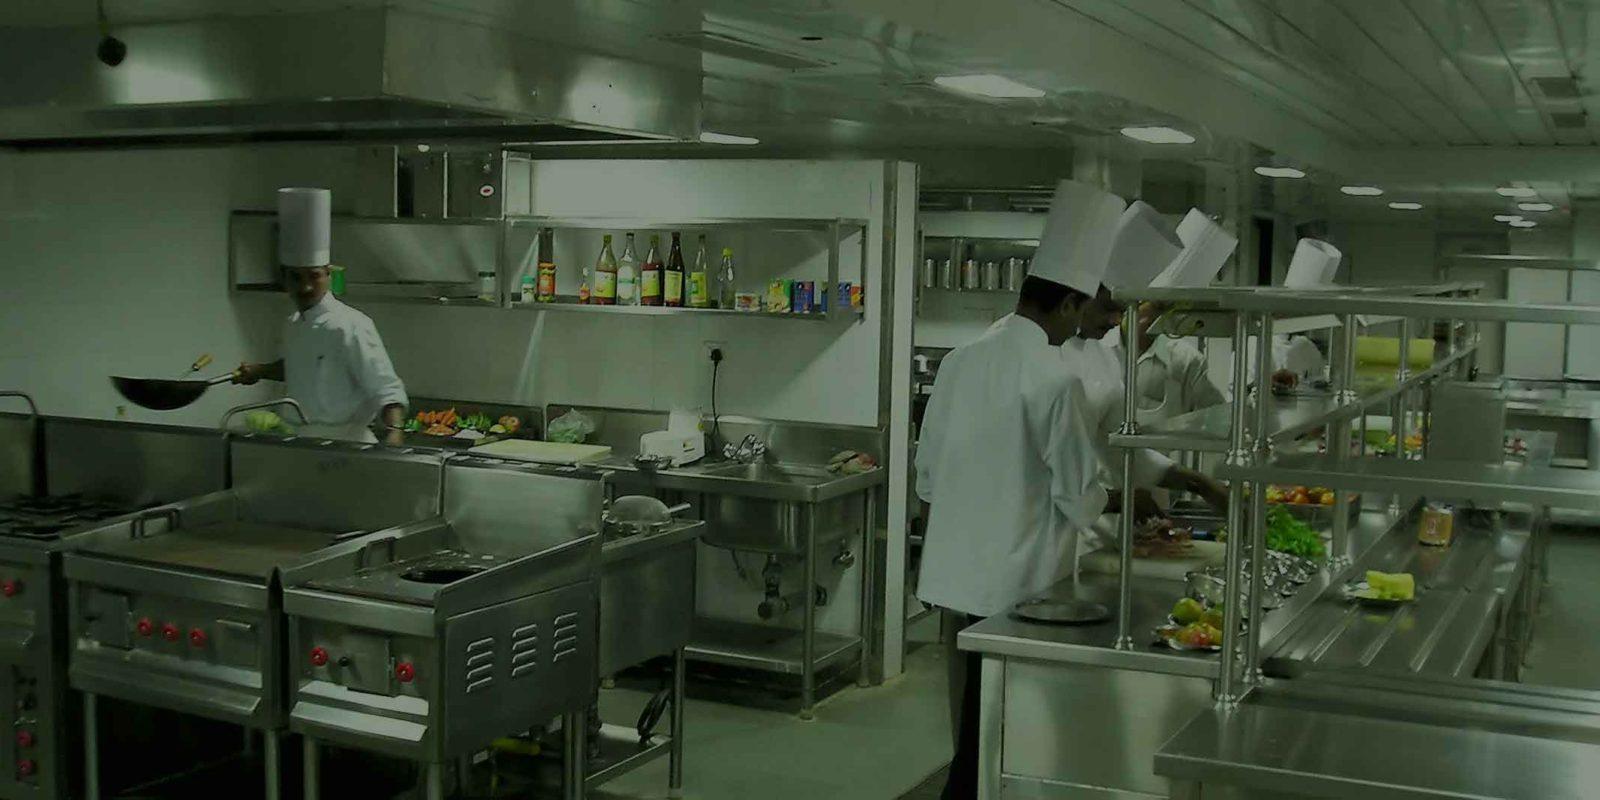 Demo imagen3web sitio empresa alimentacion